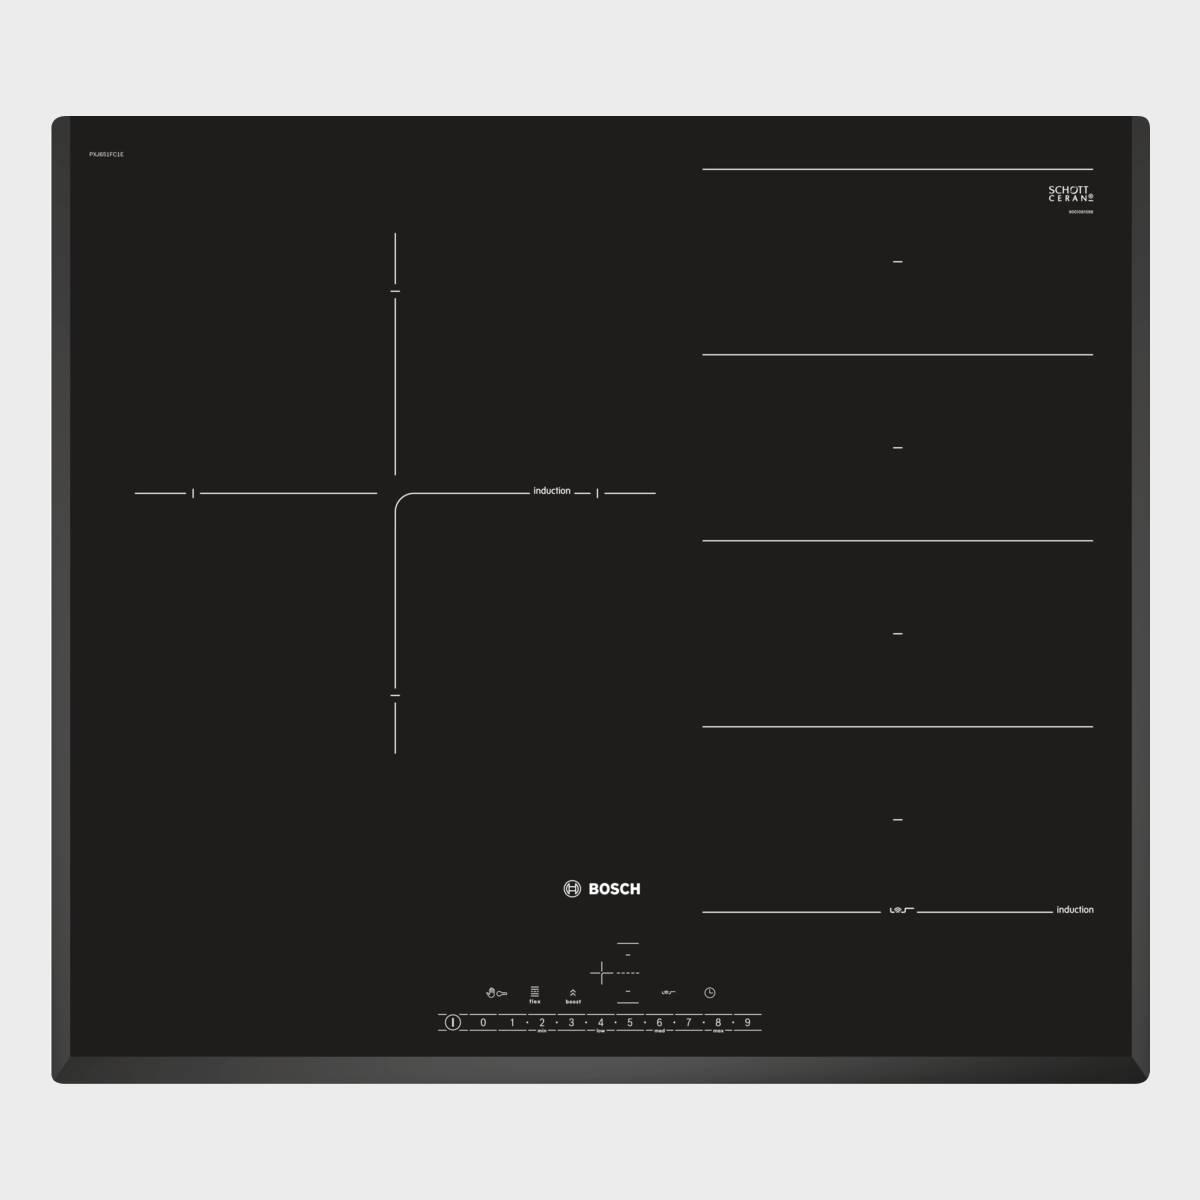 Placa Induccion Bosch Pxj651fc1e